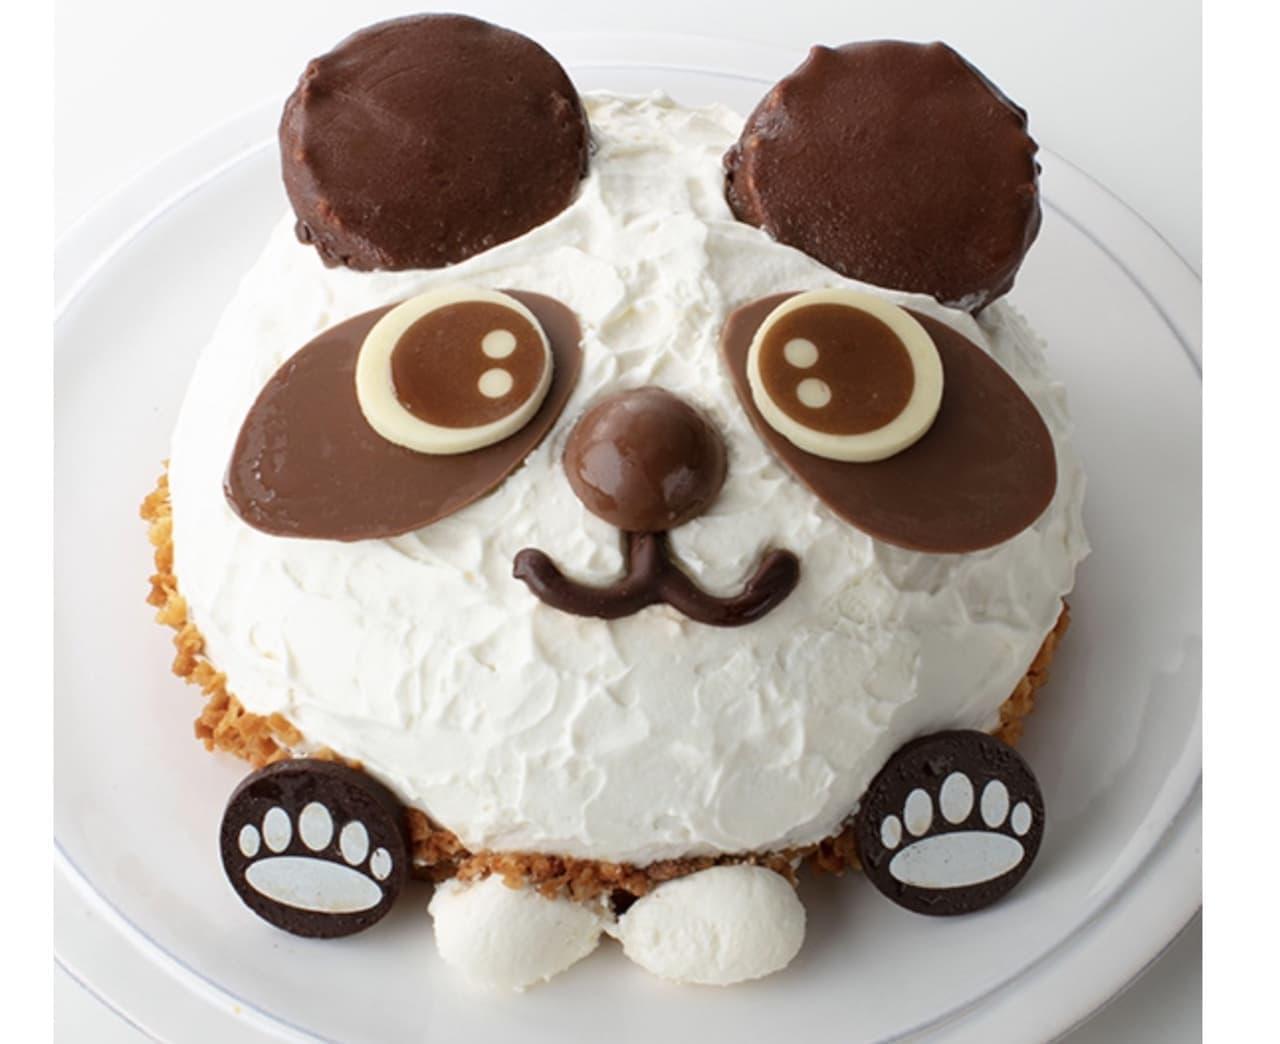 シャトレーゼ「かわいいパンダちゃんデコレーション」